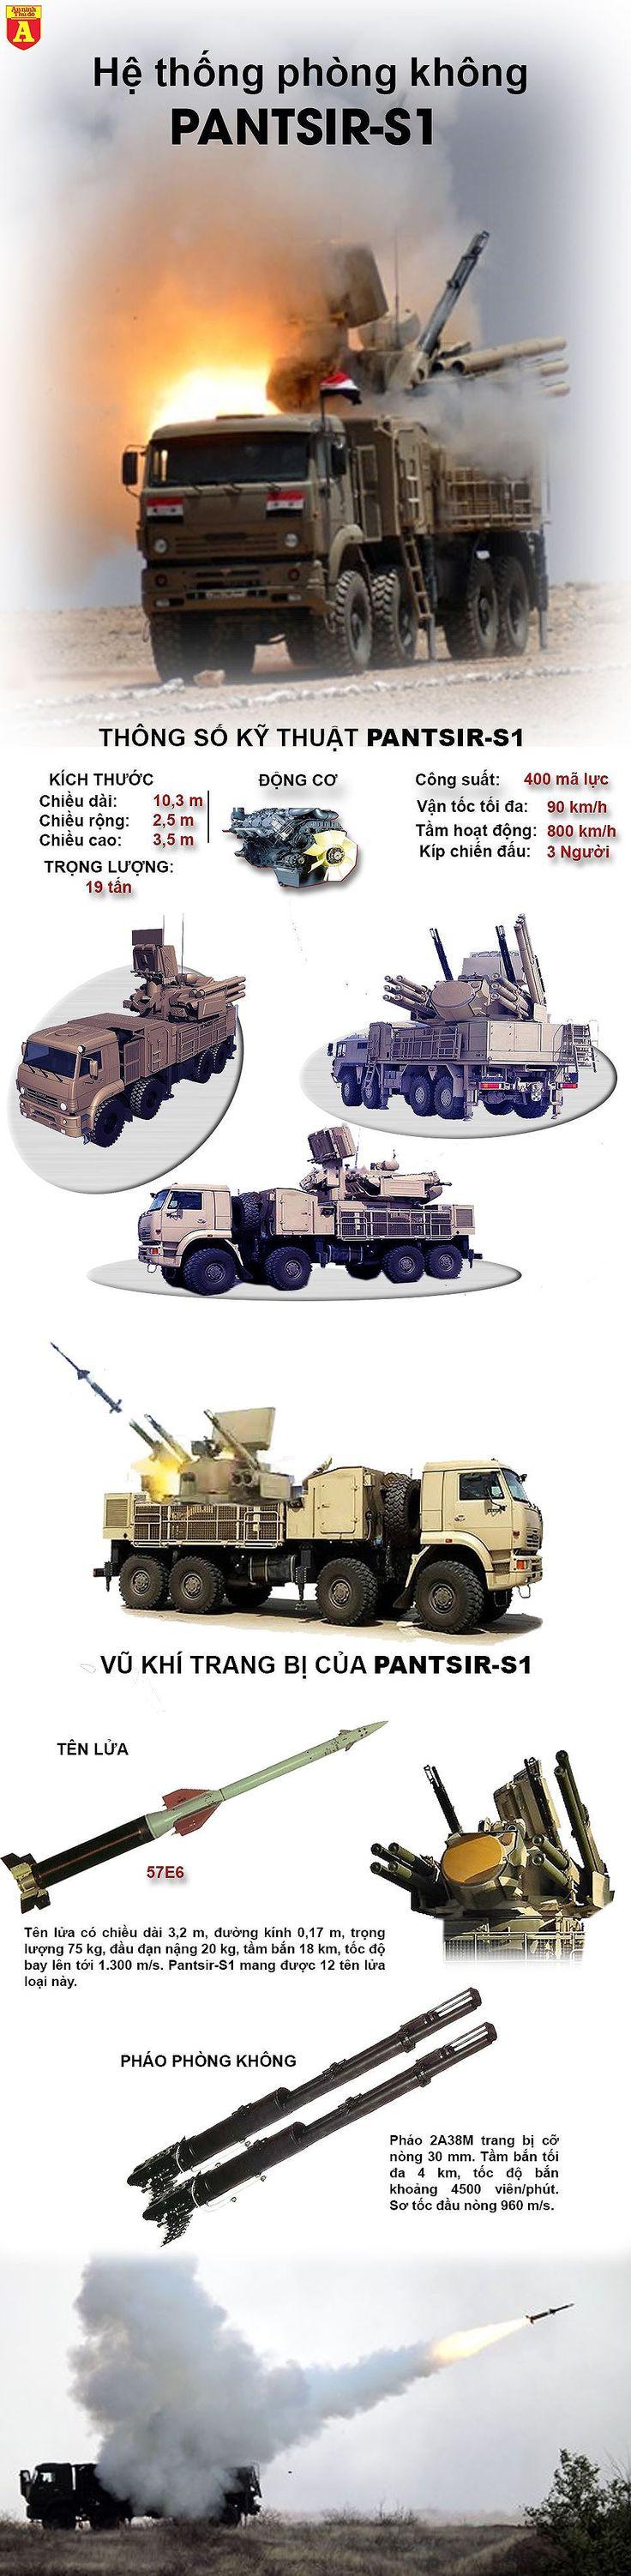 """[Infographic] """"Mãnh thú Pantsir-S1"""" lại lập công, căn cứ Nga trở nên bất khả xâm phạm tại Syria."""